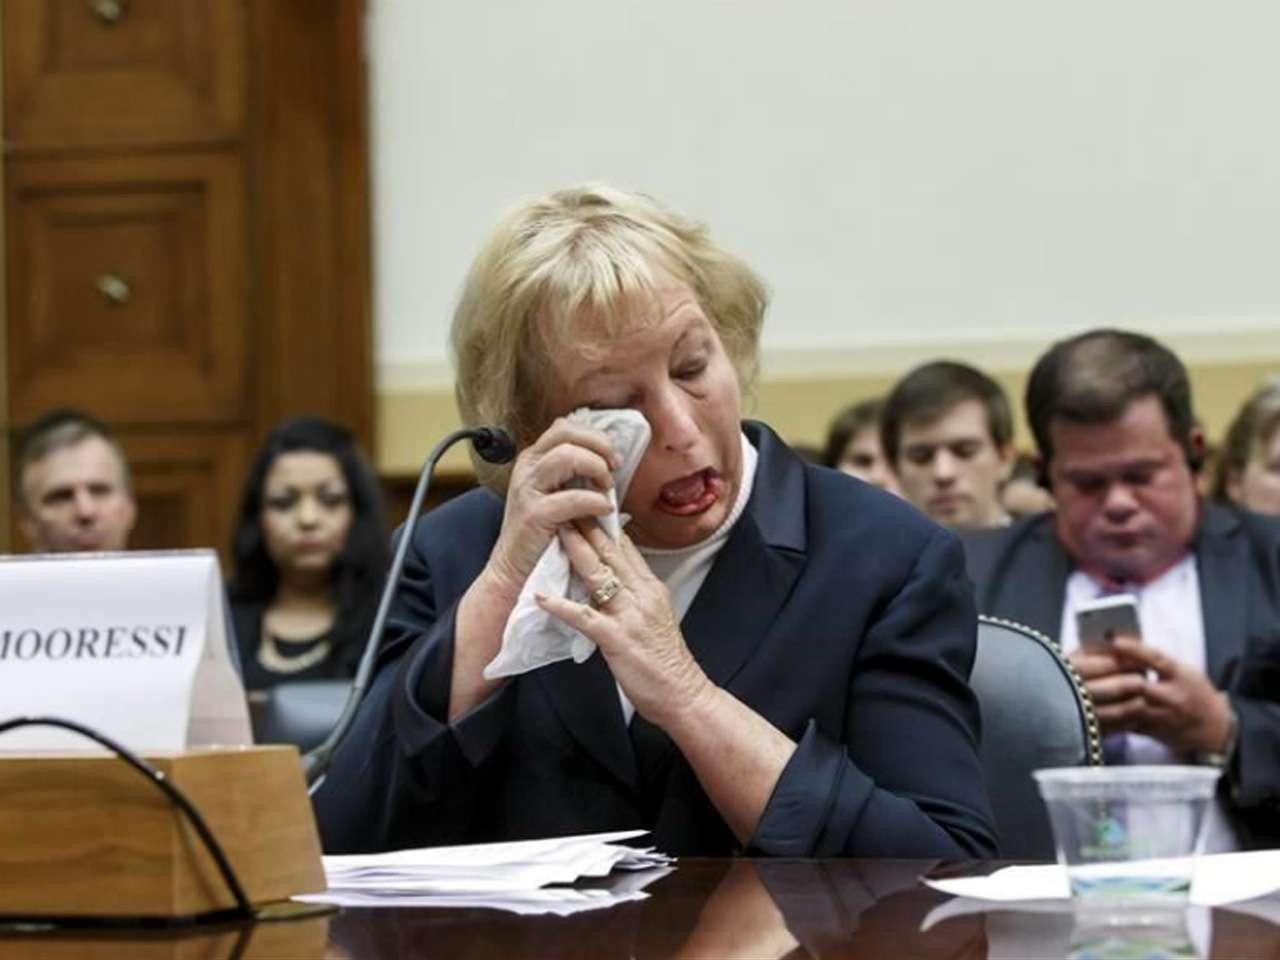 Jill Tahmooressi declaró ante una comisión de la Cámara de Representantes Foto: AP en español